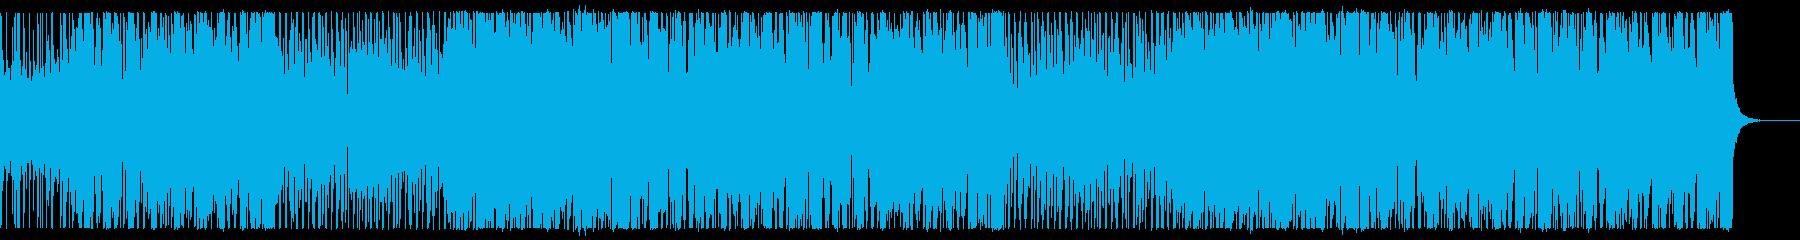 シティポップなアシッドジャズの再生済みの波形